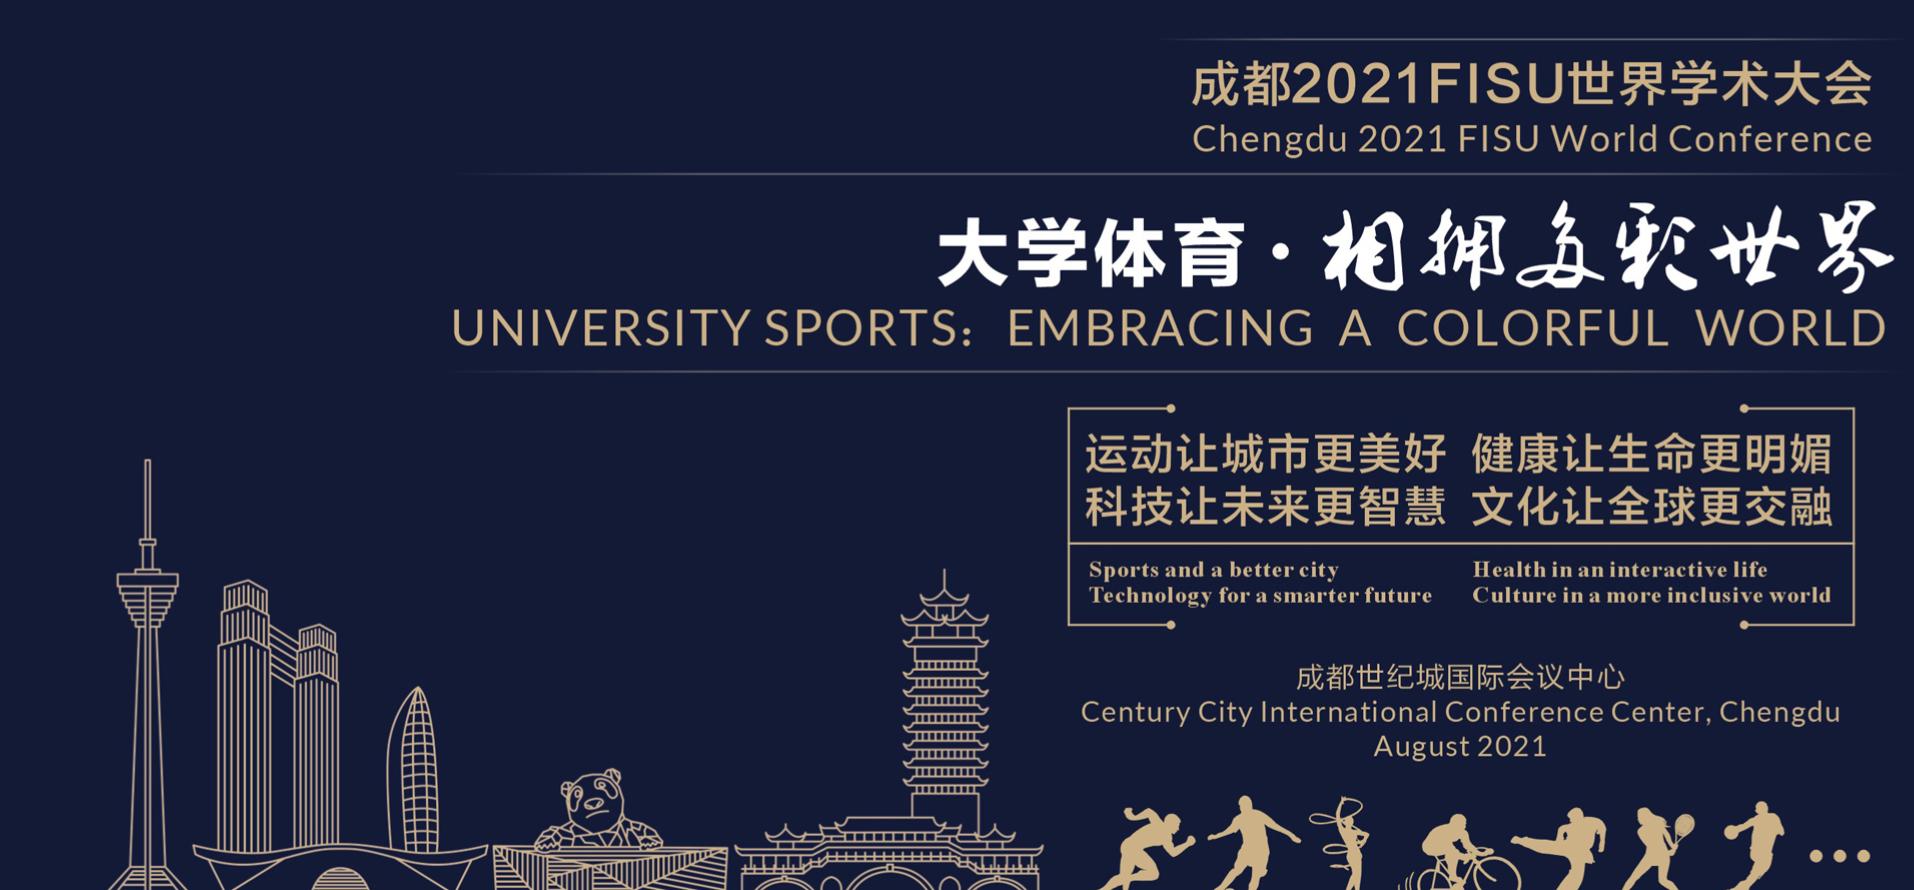 """FISU Pasaules konference 2021: """"Universitāšu sports: Apvienojot krāsaino pasauli"""""""